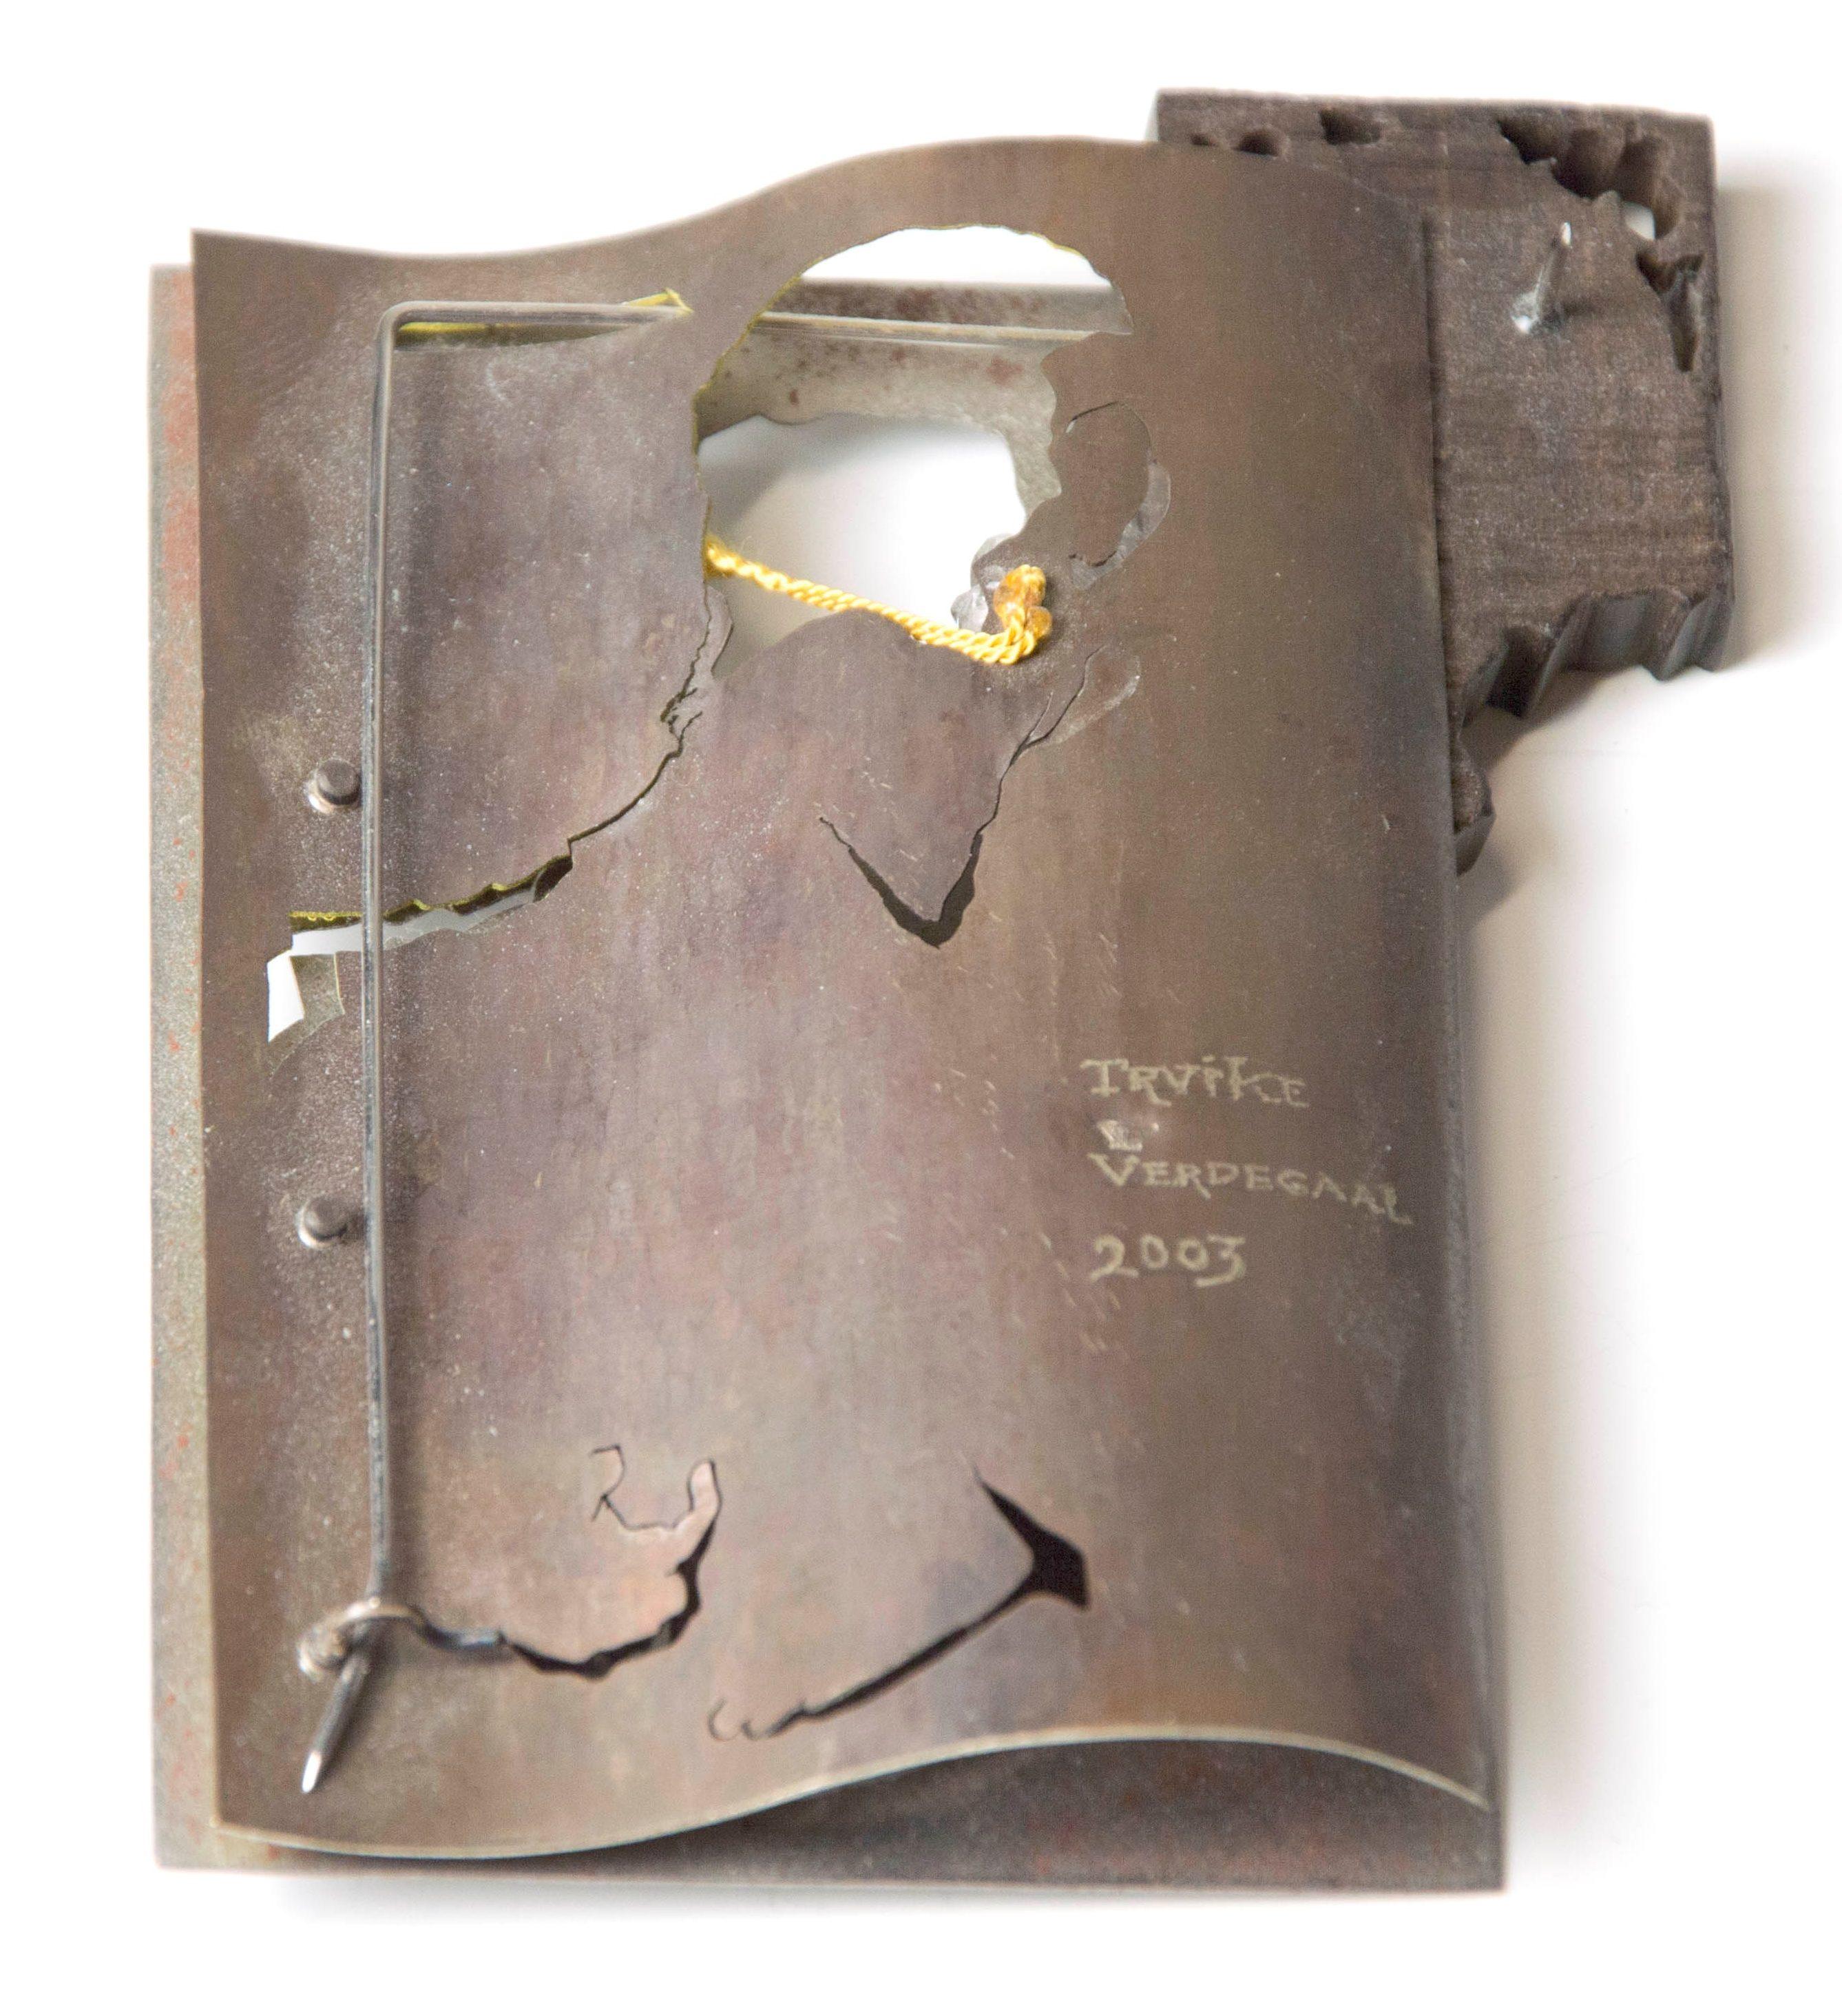 Truike Verdegaal, broche, 2003, achterzijde. Collectie CODA, C004791. Foto met dank aan CODA©